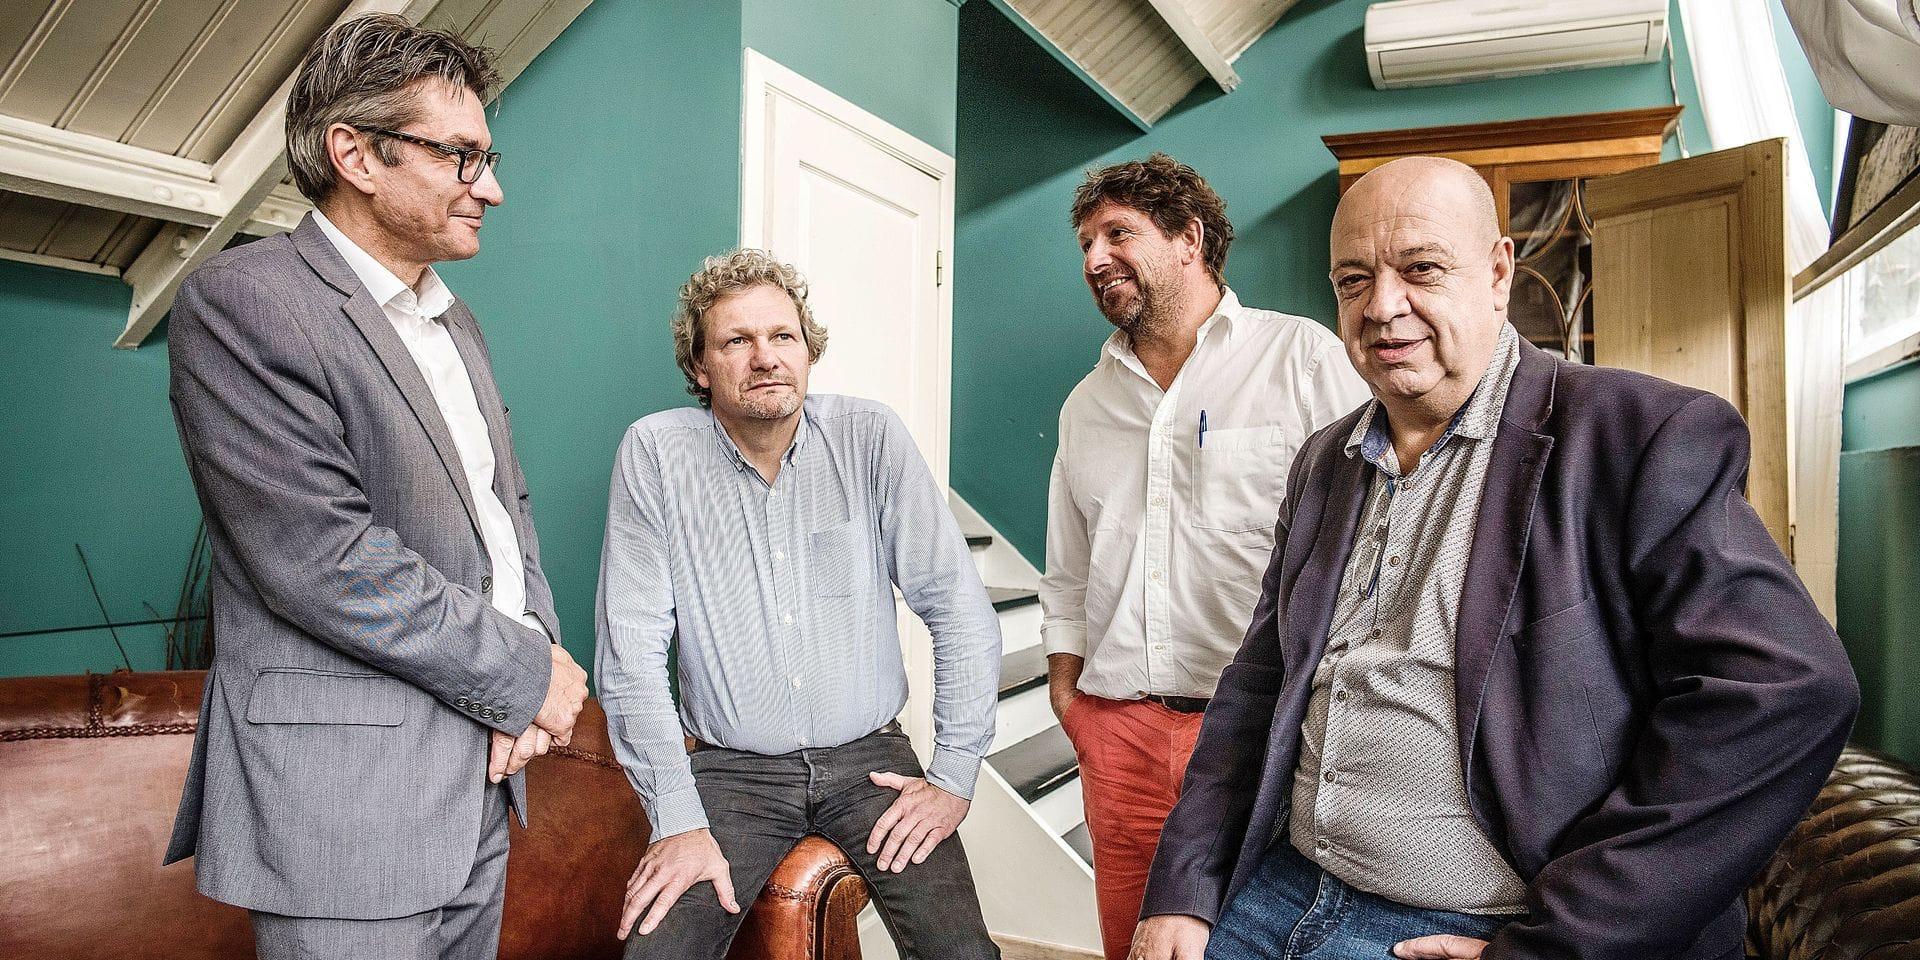 20170619 - BELGIQUE, BRUXELLES: Portrait de Stephane Emmanuelidis, Thierry Bodson (FGTB), Dominique Van De Sype (employeur, UNIPSO) et Marc Becker (CSC), le 19 juin 2018. PHOTO OLIVIER PAPEGNIES / COLLECTIF HUMA